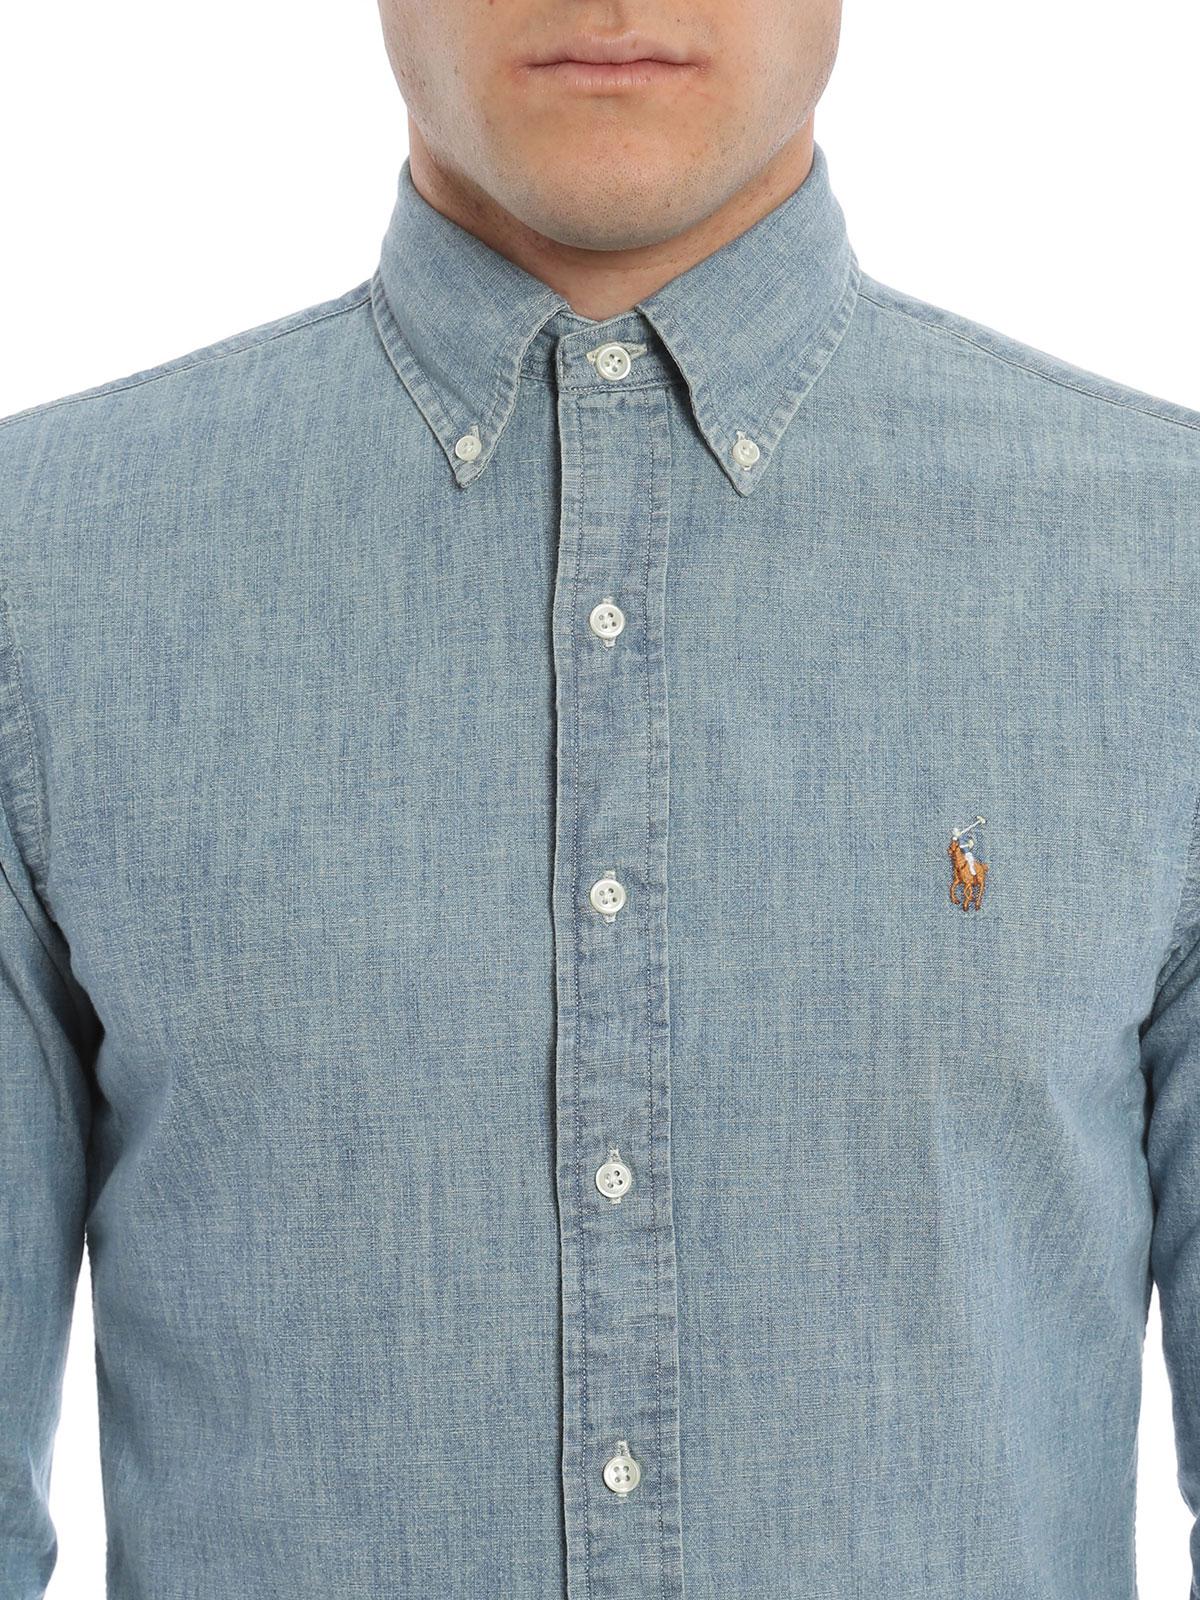 new styles a48c8 cfbb1 Ralph Lauren - Denim shirt - shirts - A04WSL3BC0210 A48M1 ...